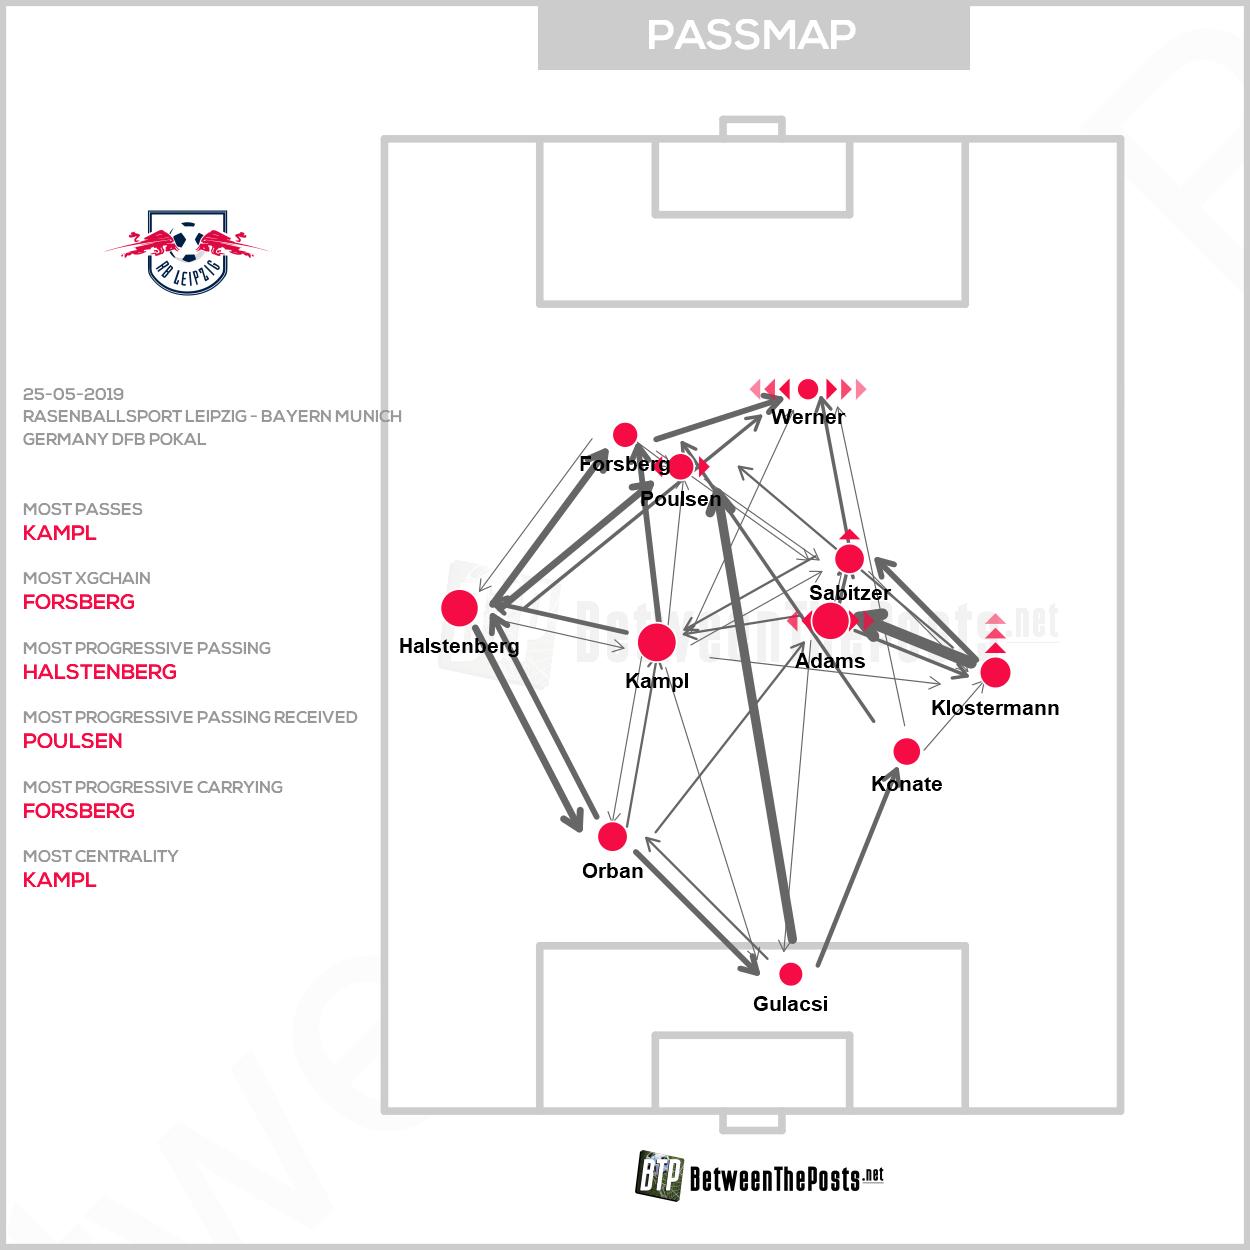 Passmap Rasenballsport Leipzig Bayern Munich 0-3 DFB Pokal